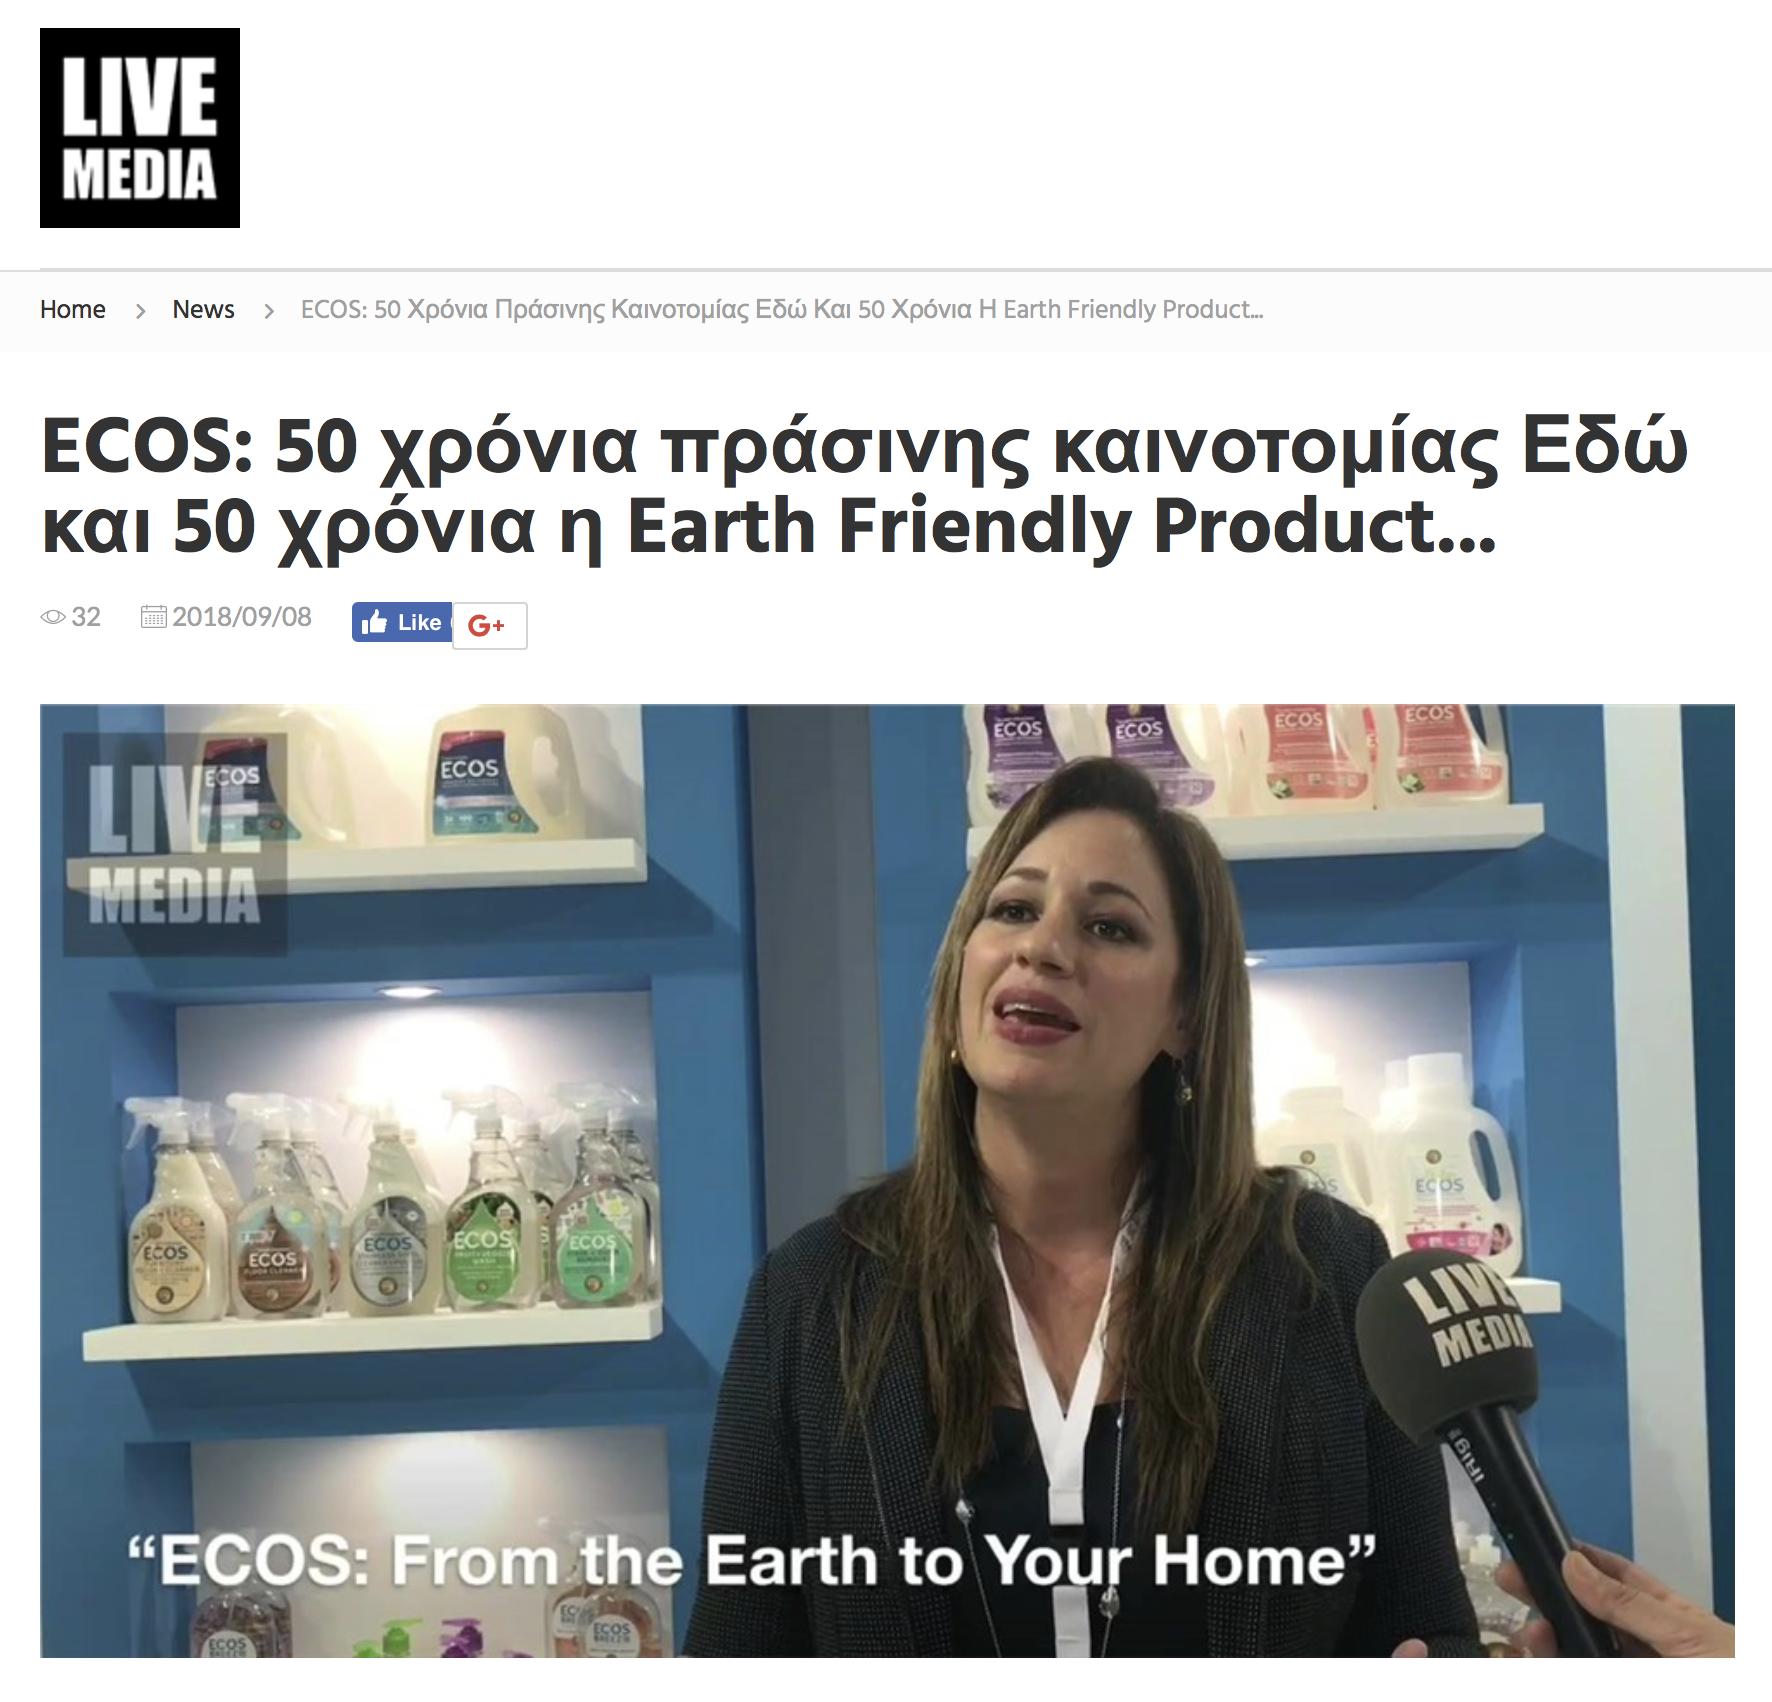 Η Κελλυ-Βλαχάκης-Χανκς μιλάει στο livemedia.gr στην ΔΕΘ 2018